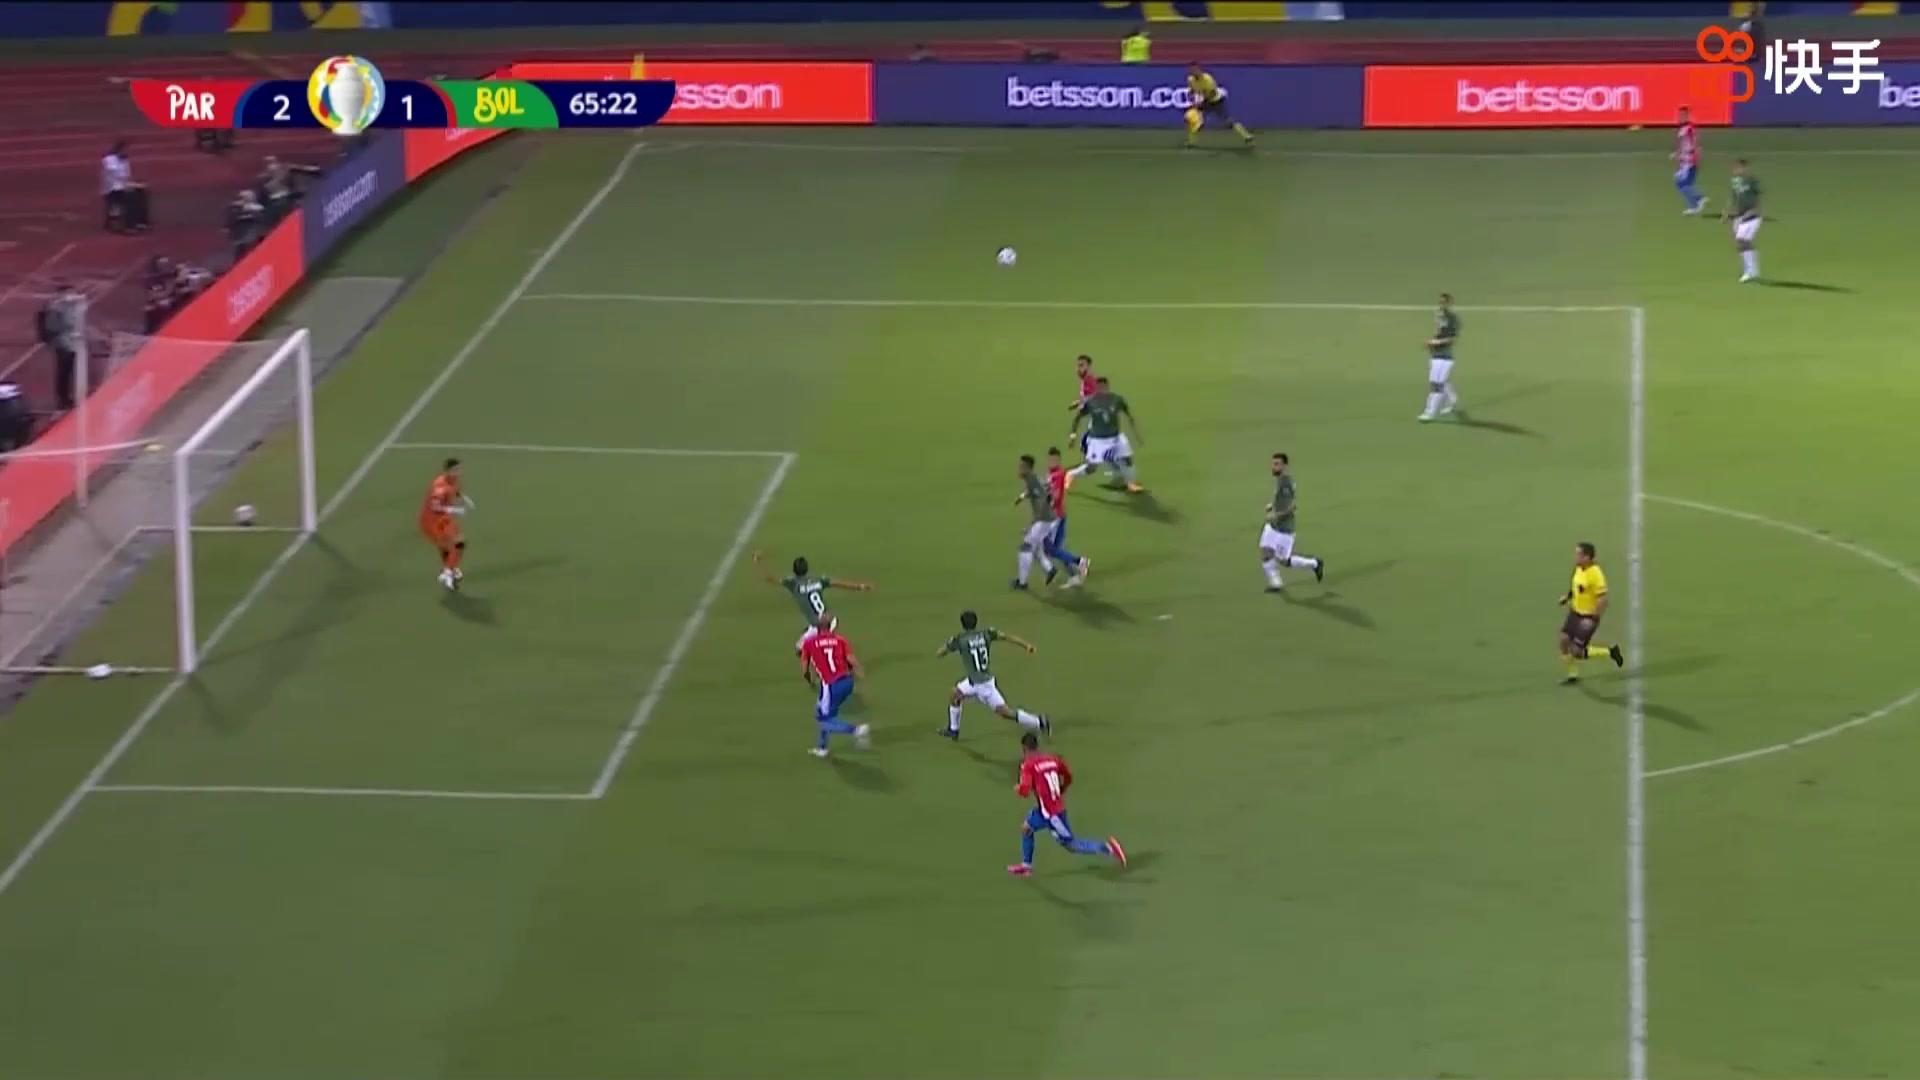 【快手集锦】美洲杯-罗梅罗下半场两球 巴拉圭3-1逆转玻利维亚